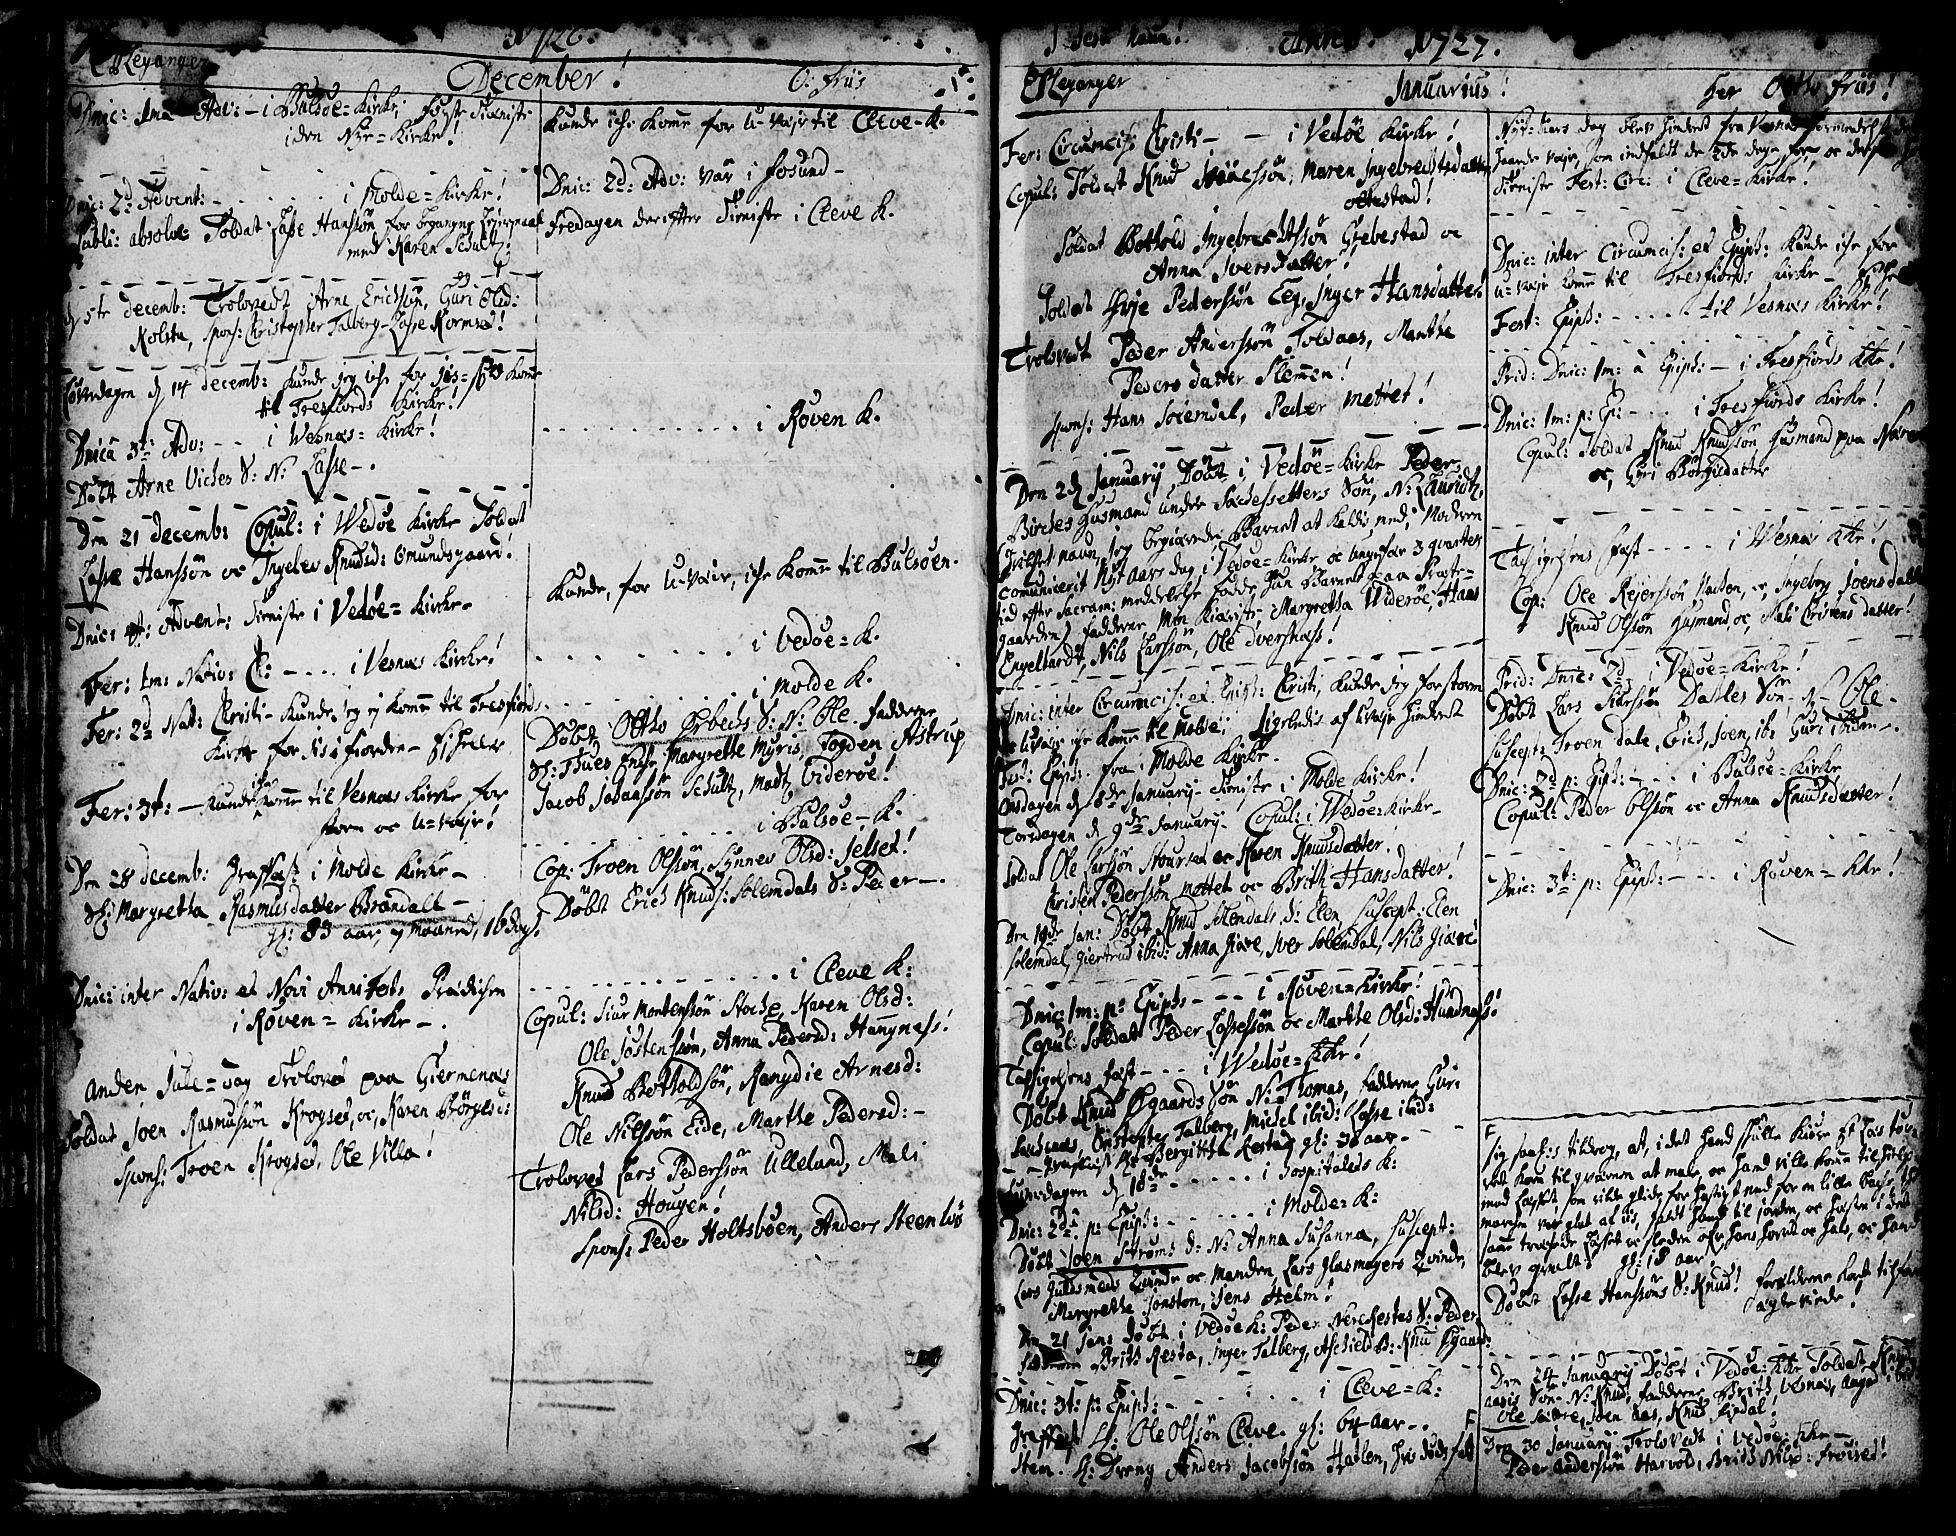 SAT, Ministerialprotokoller, klokkerbøker og fødselsregistre - Møre og Romsdal, 547/L0599: Ministerialbok nr. 547A01, 1721-1764, s. 78-79